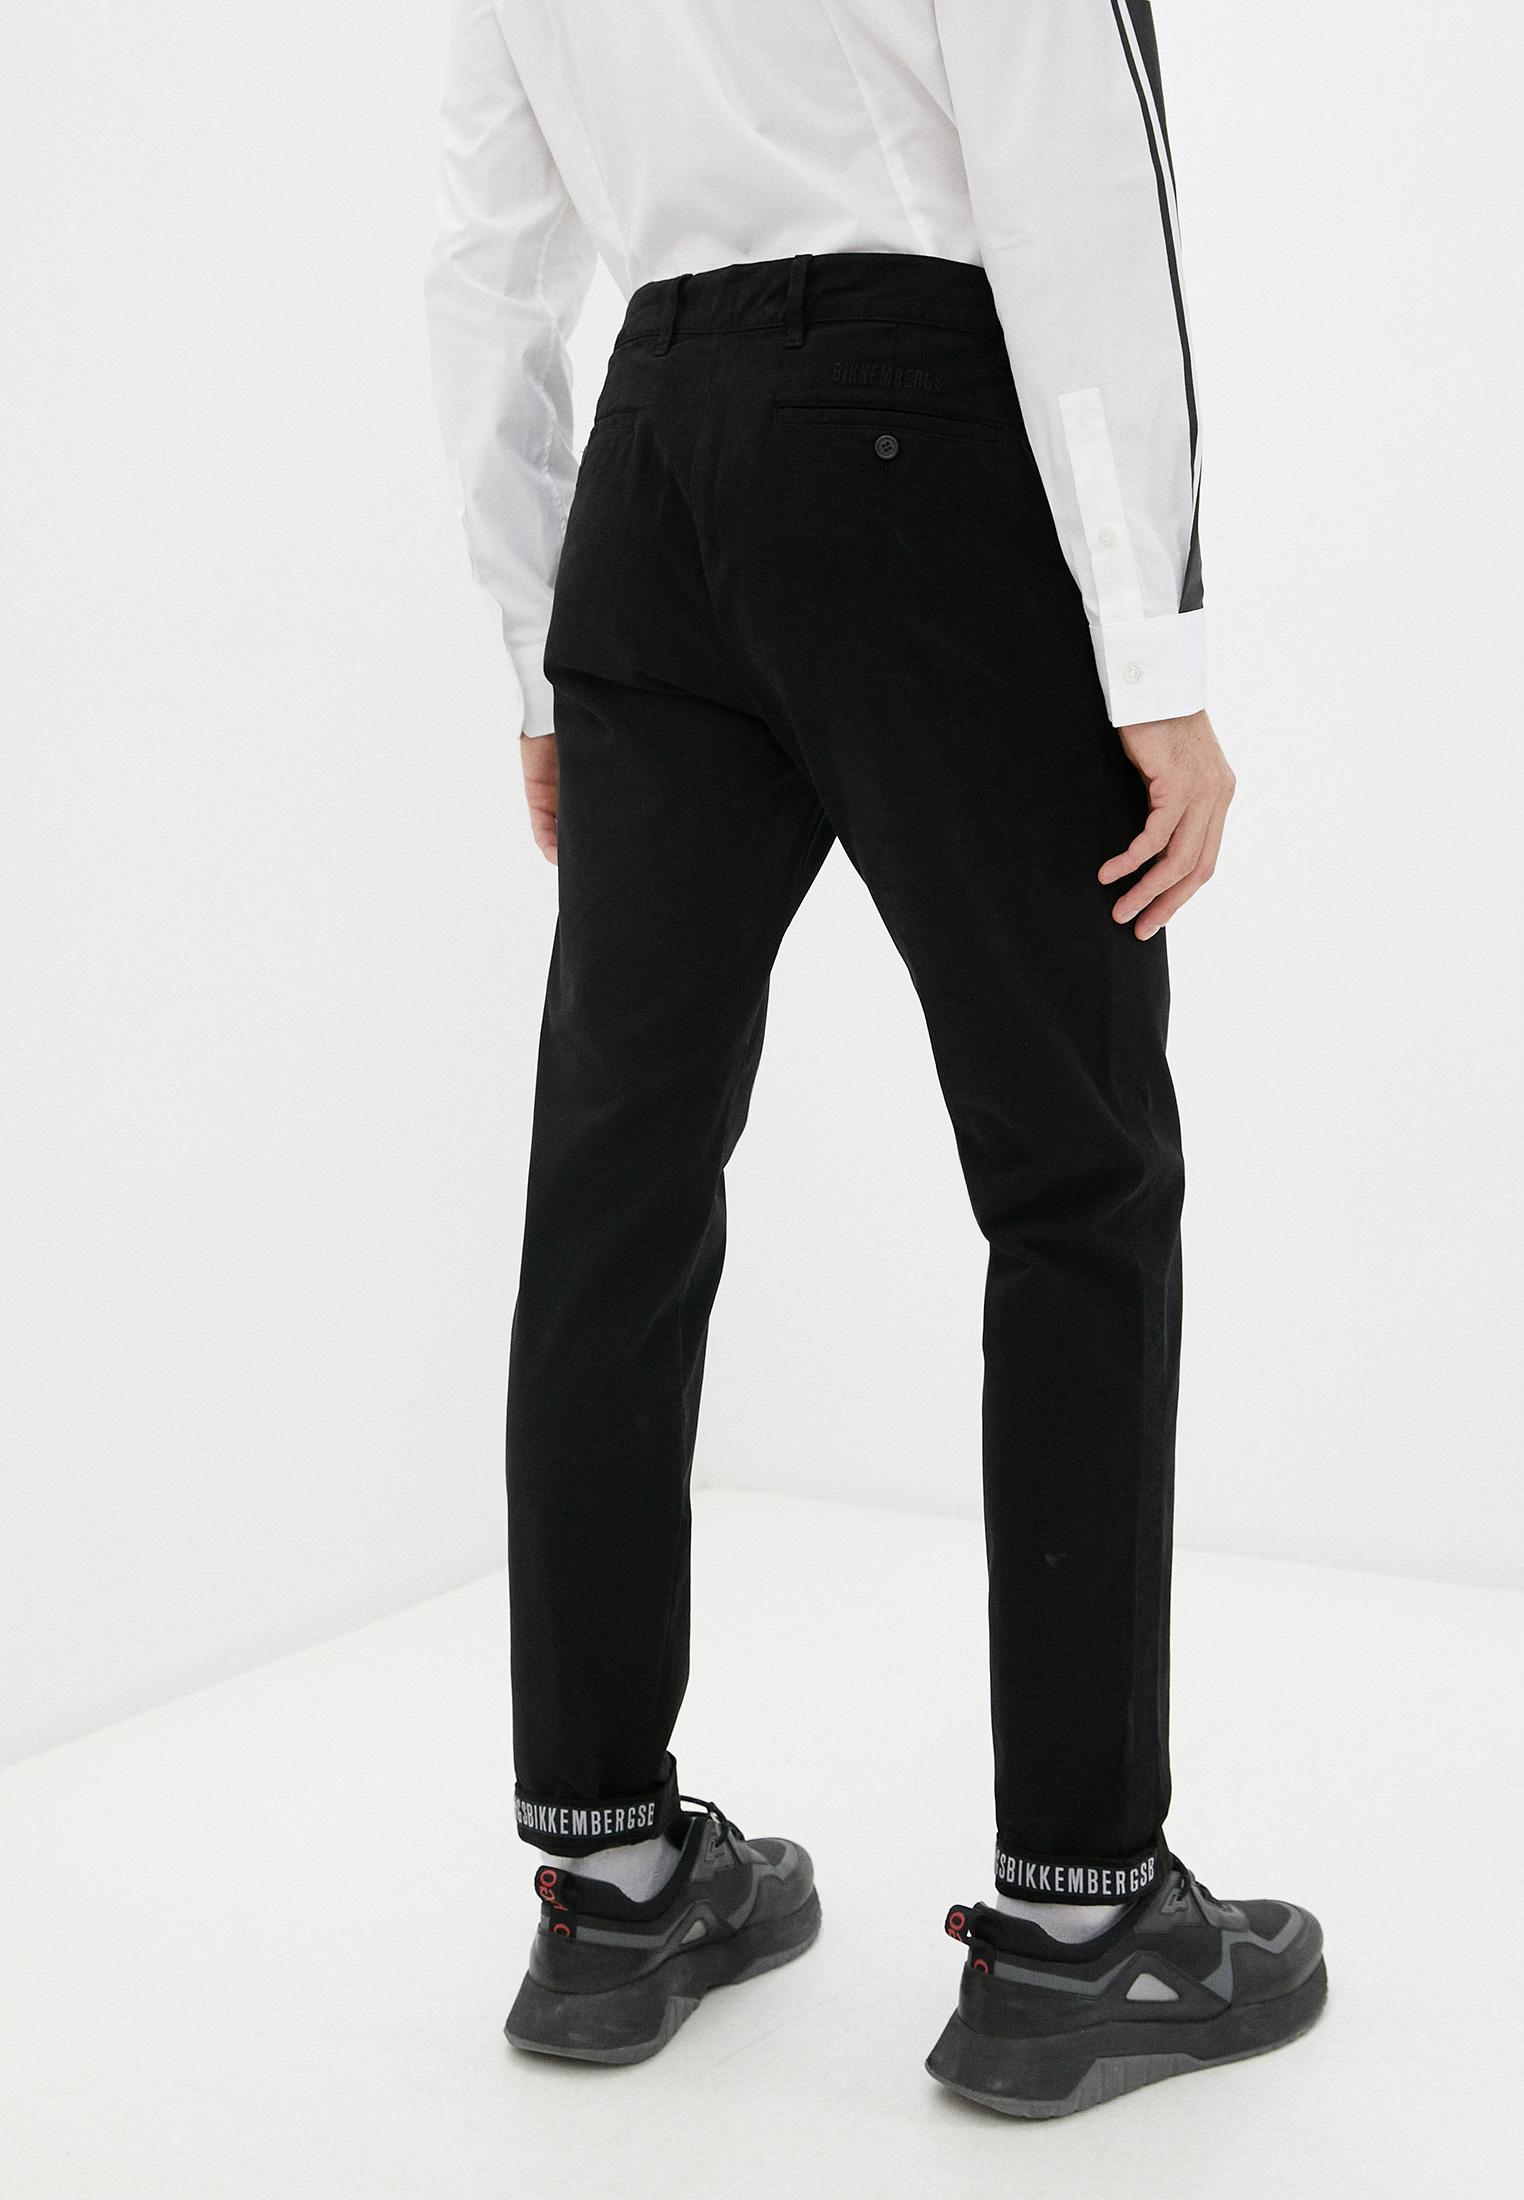 Мужские повседневные брюки Bikkembergs (Биккембергс) C P 001 04 S 3472: изображение 9